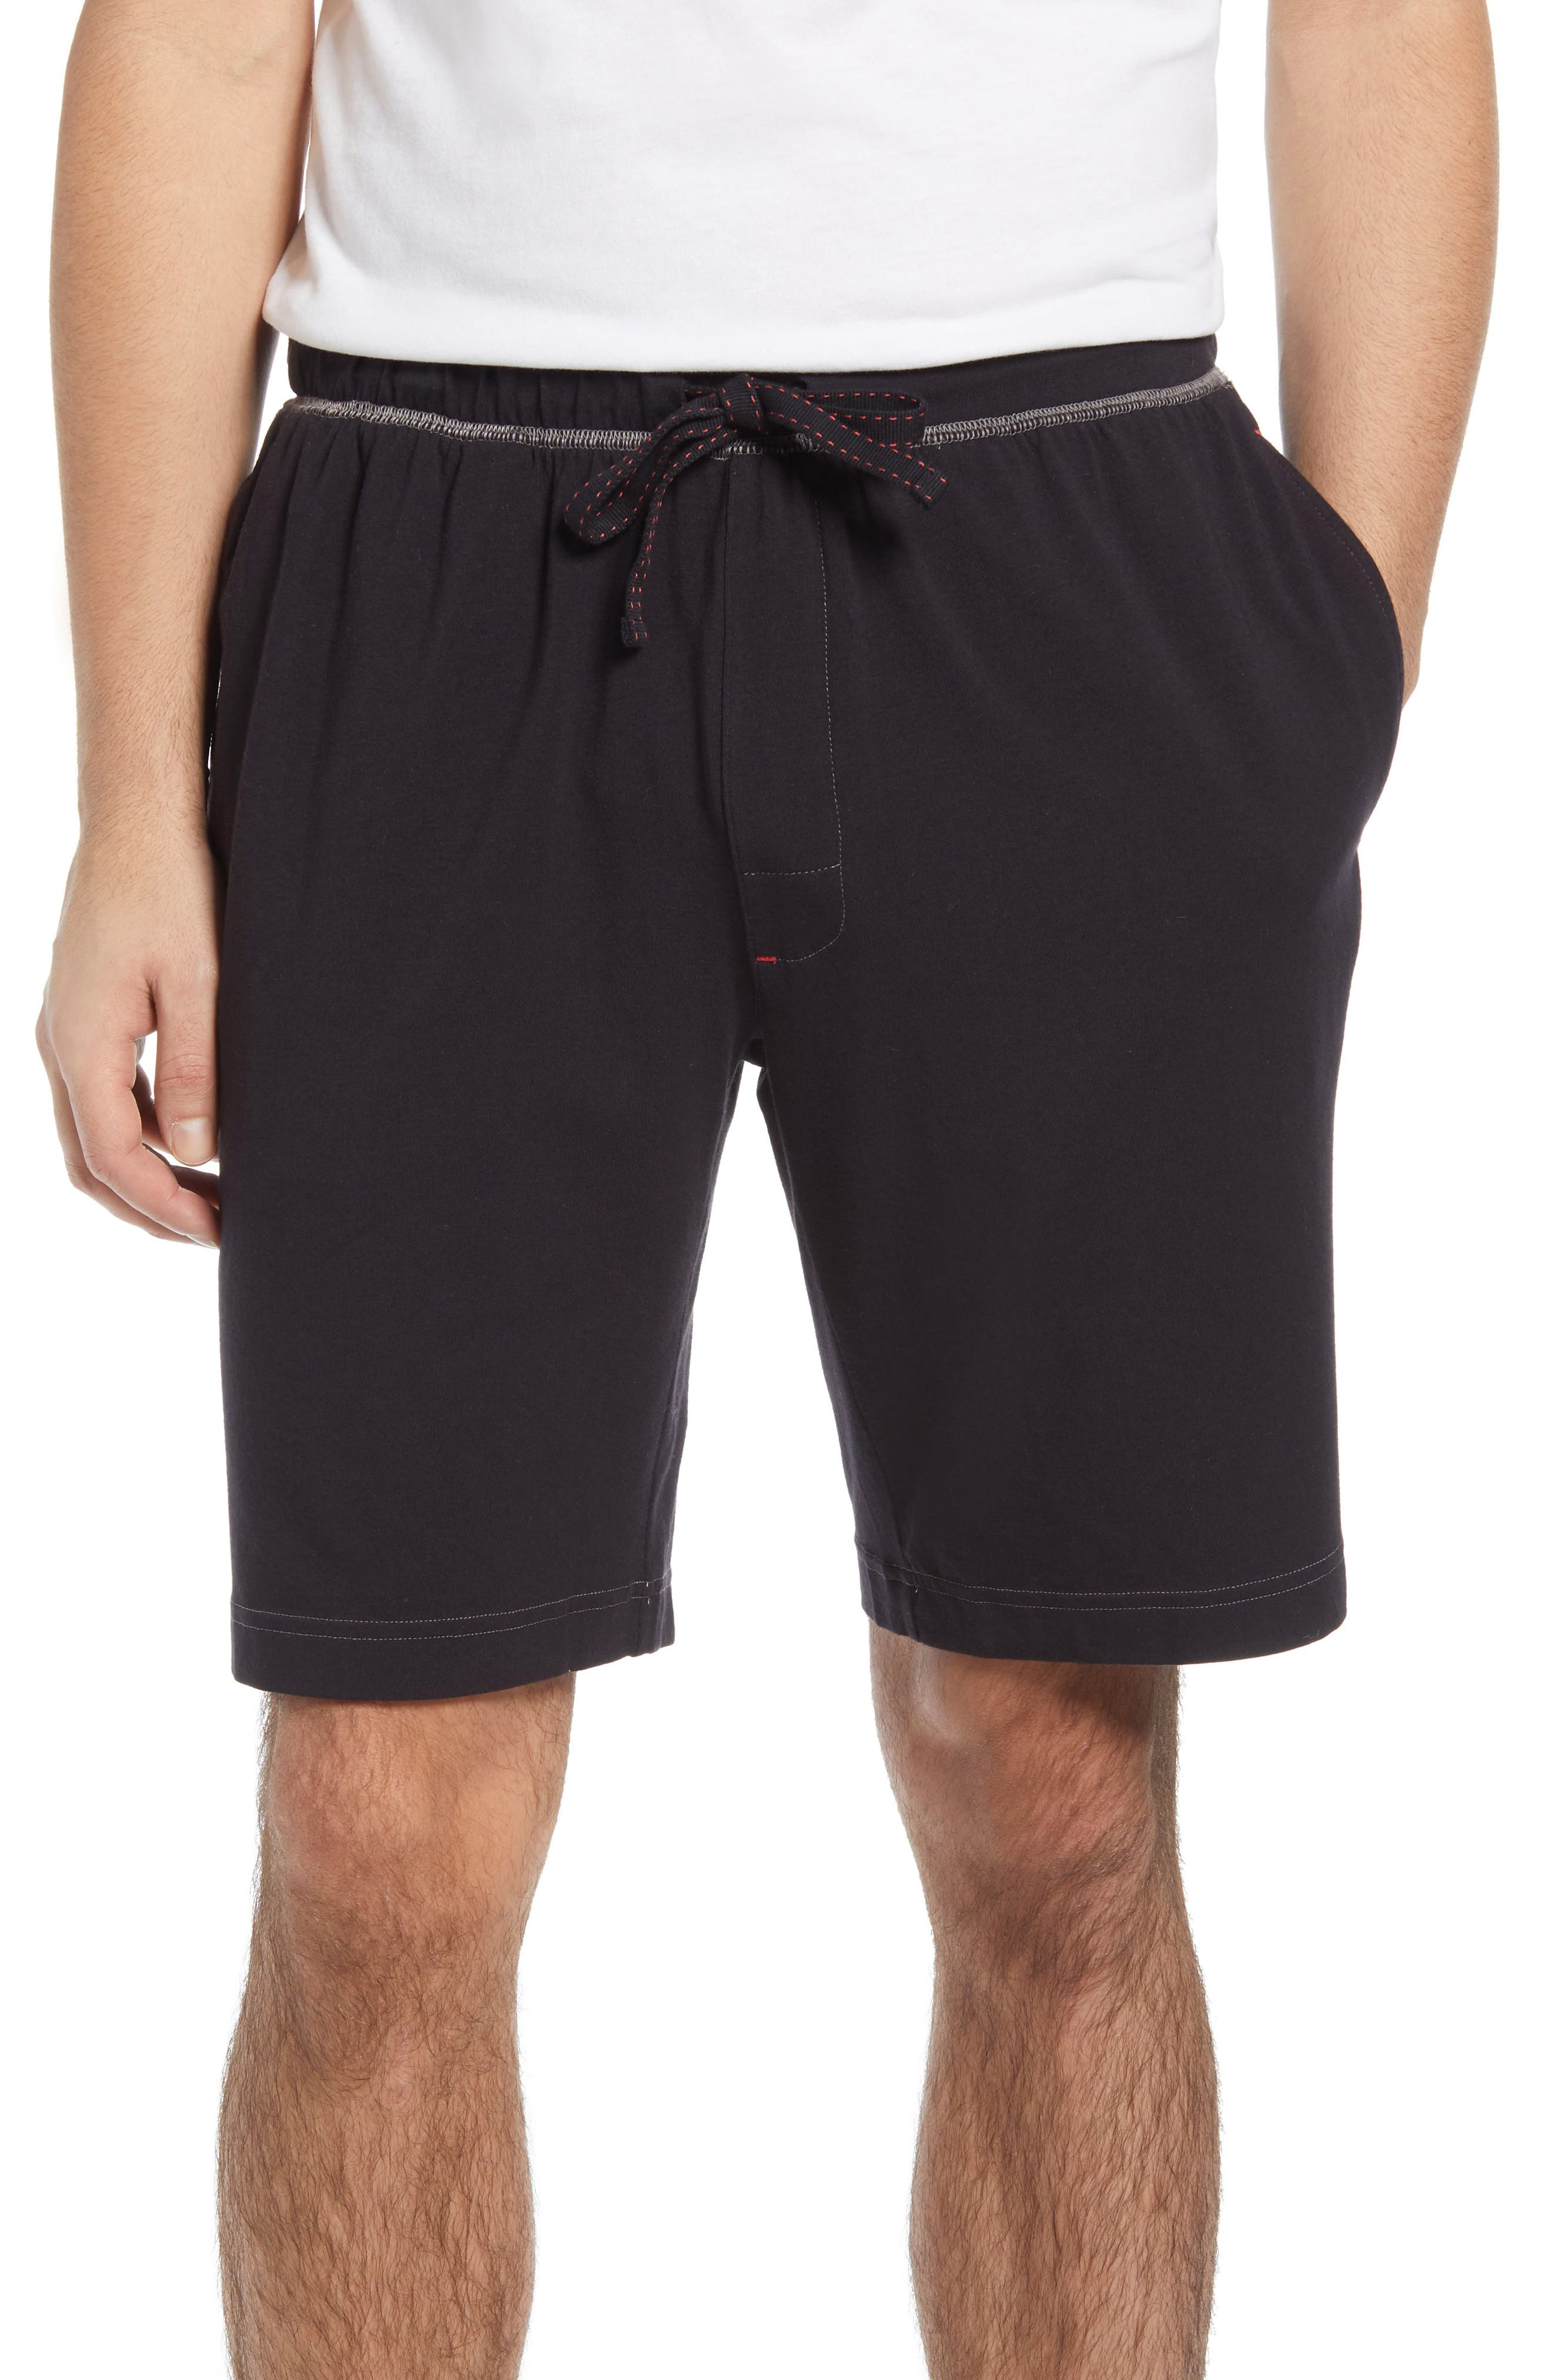 New Robert Graham Hill Short Classic Fit Blue Shorts Sz 30-42 $128